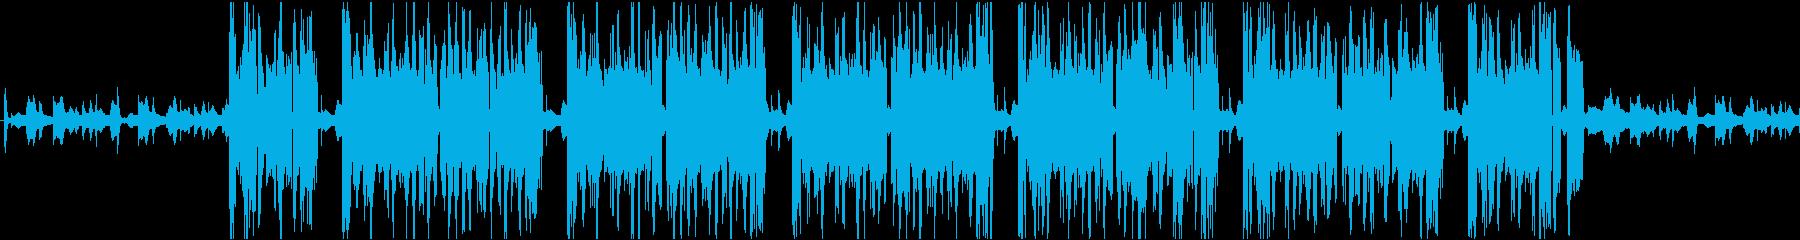 低音やその他の電子音が歪んだ、重く...の再生済みの波形